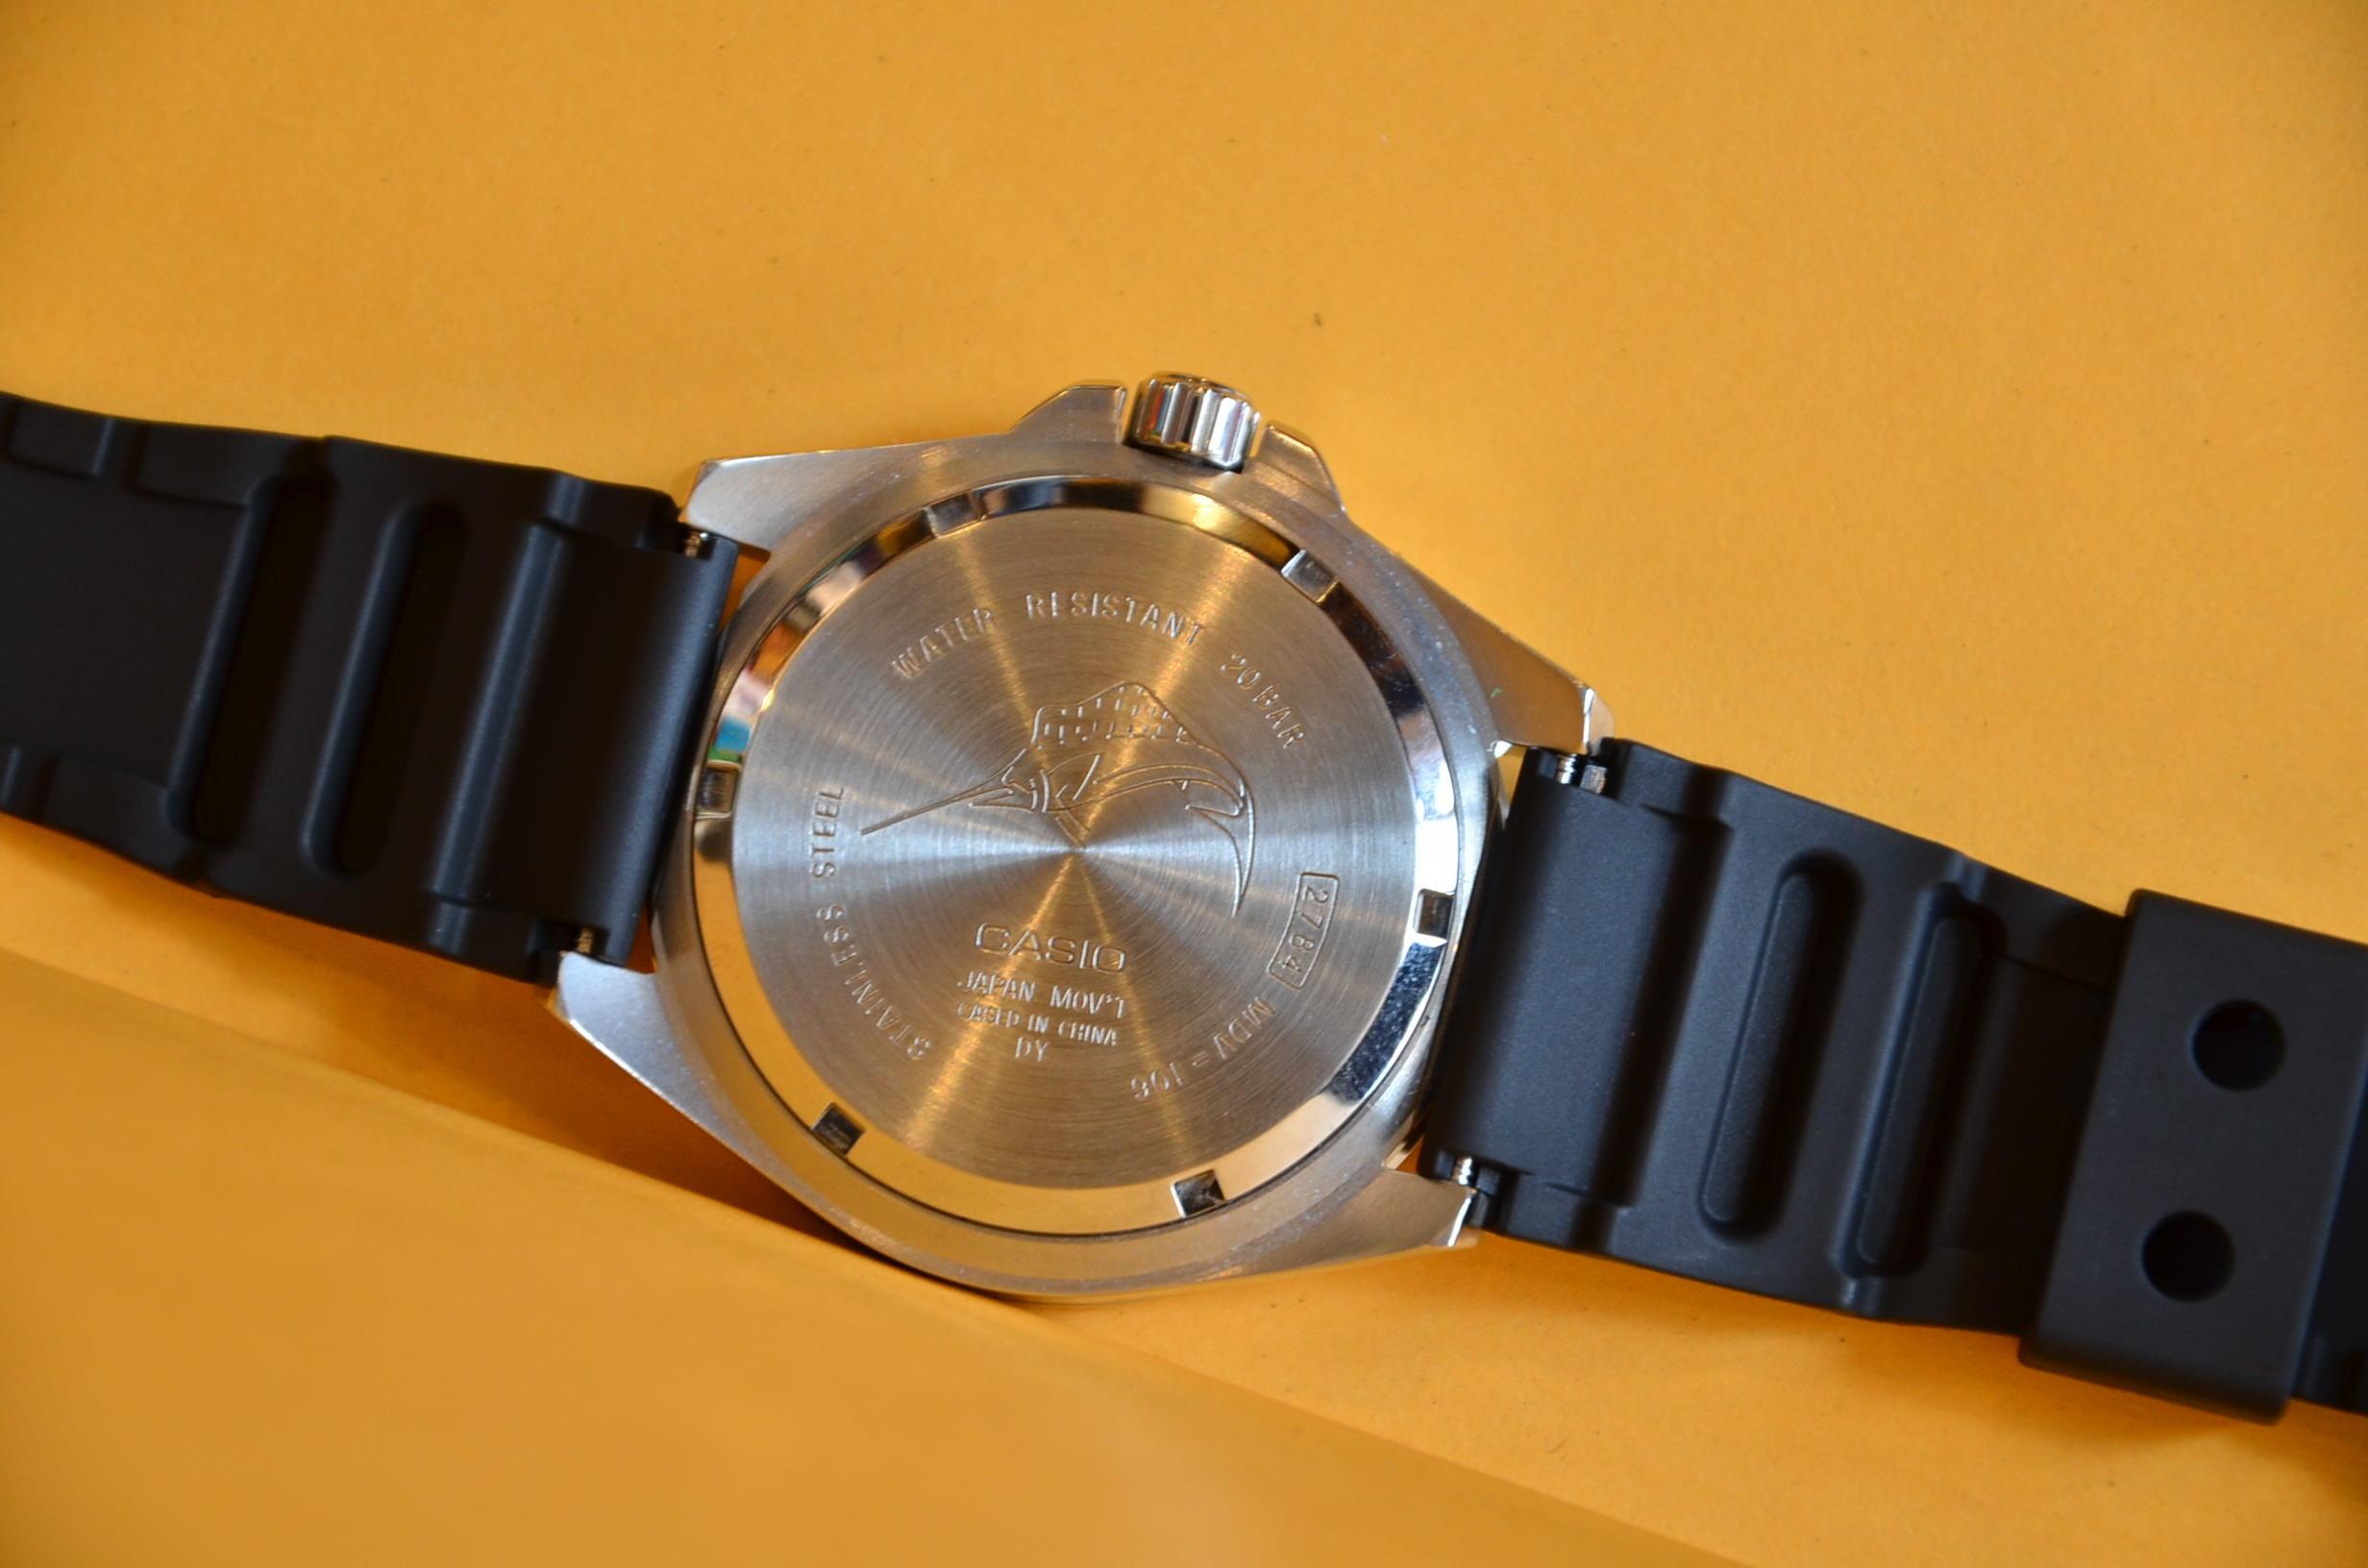 久しぶりに良い時計見つけましたよ。_c0167336_16373720.jpg